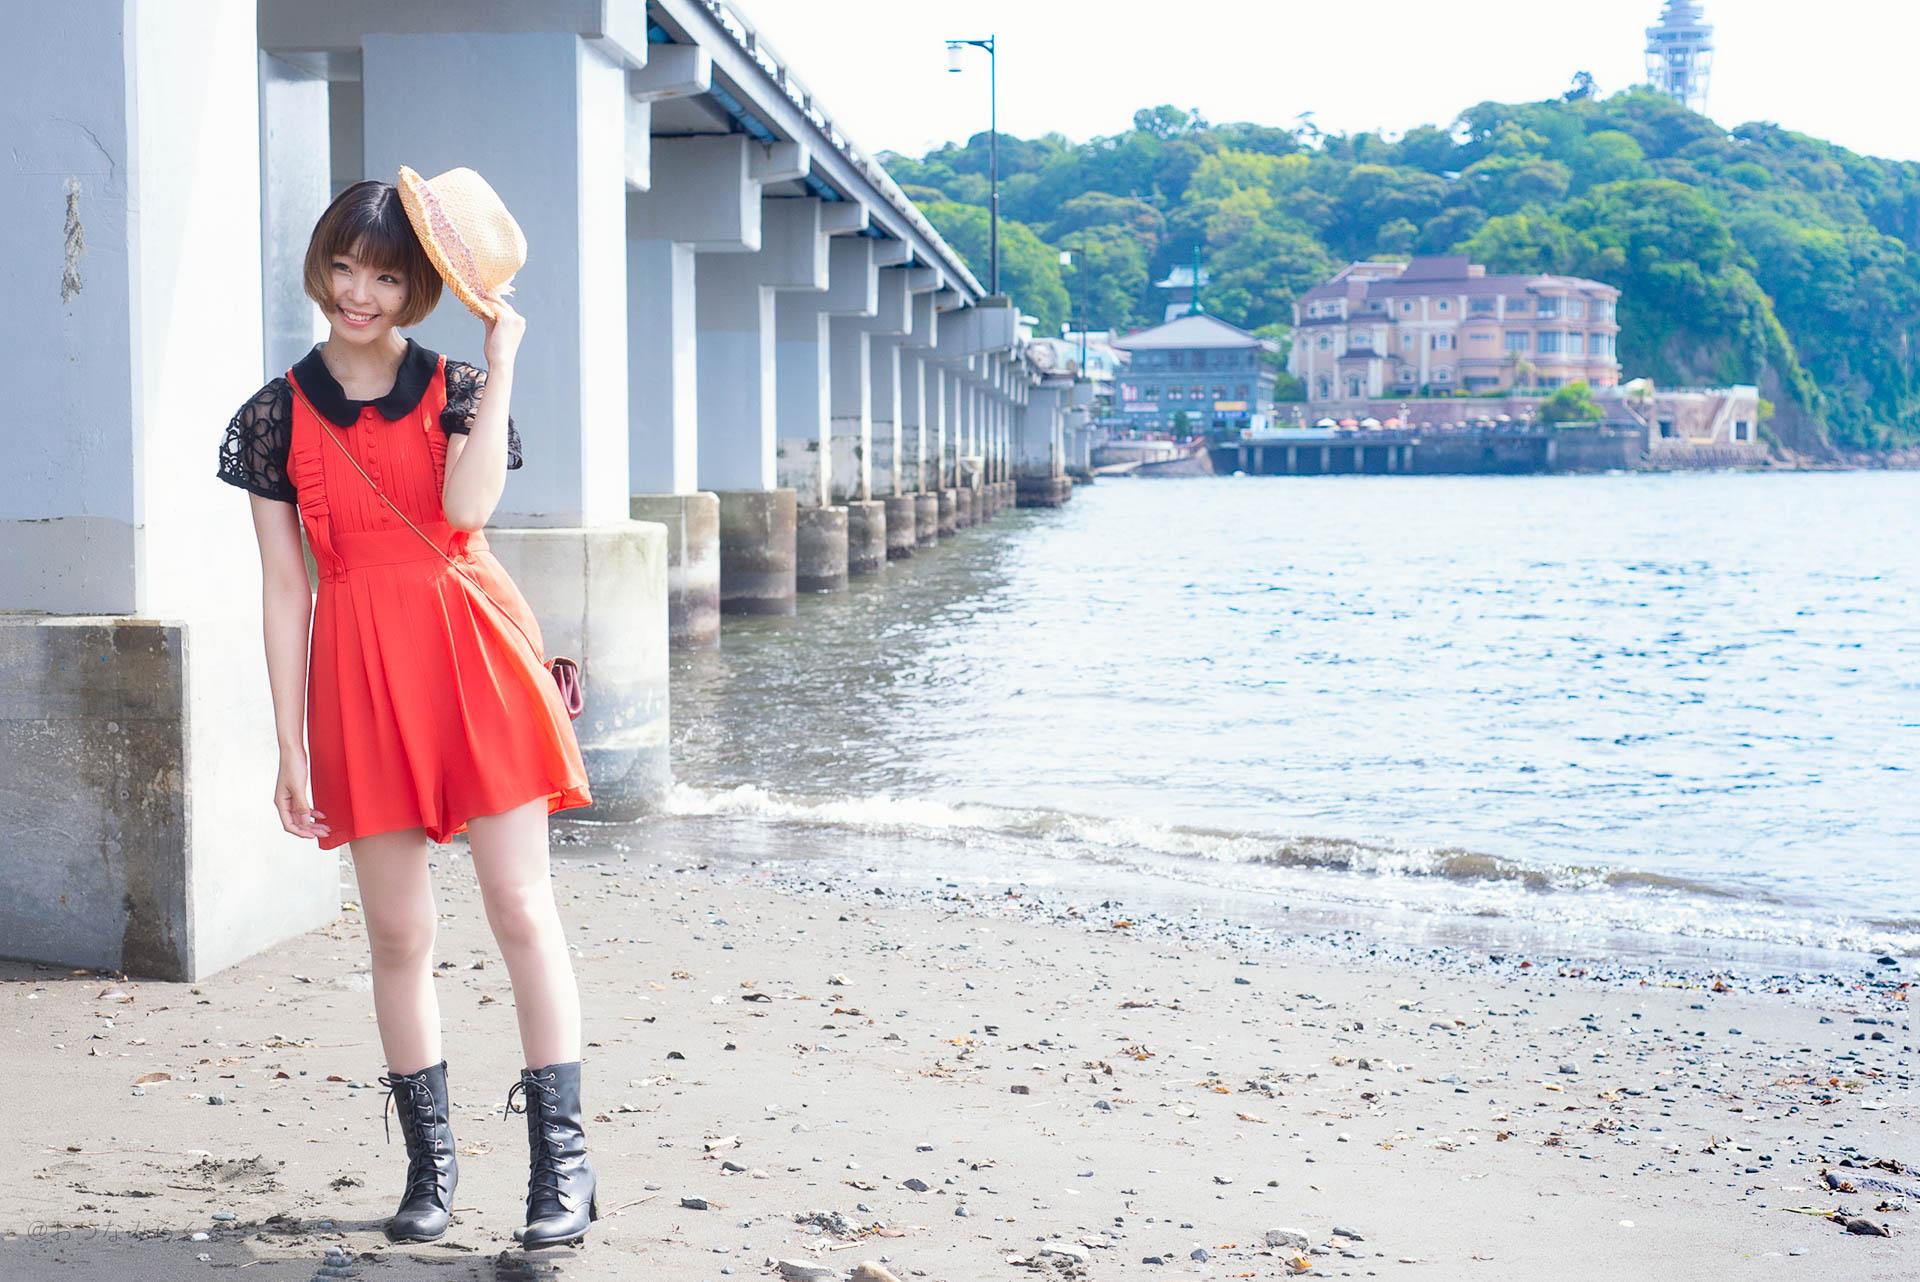 何年ぶり?!江ノ島散策してきた♪